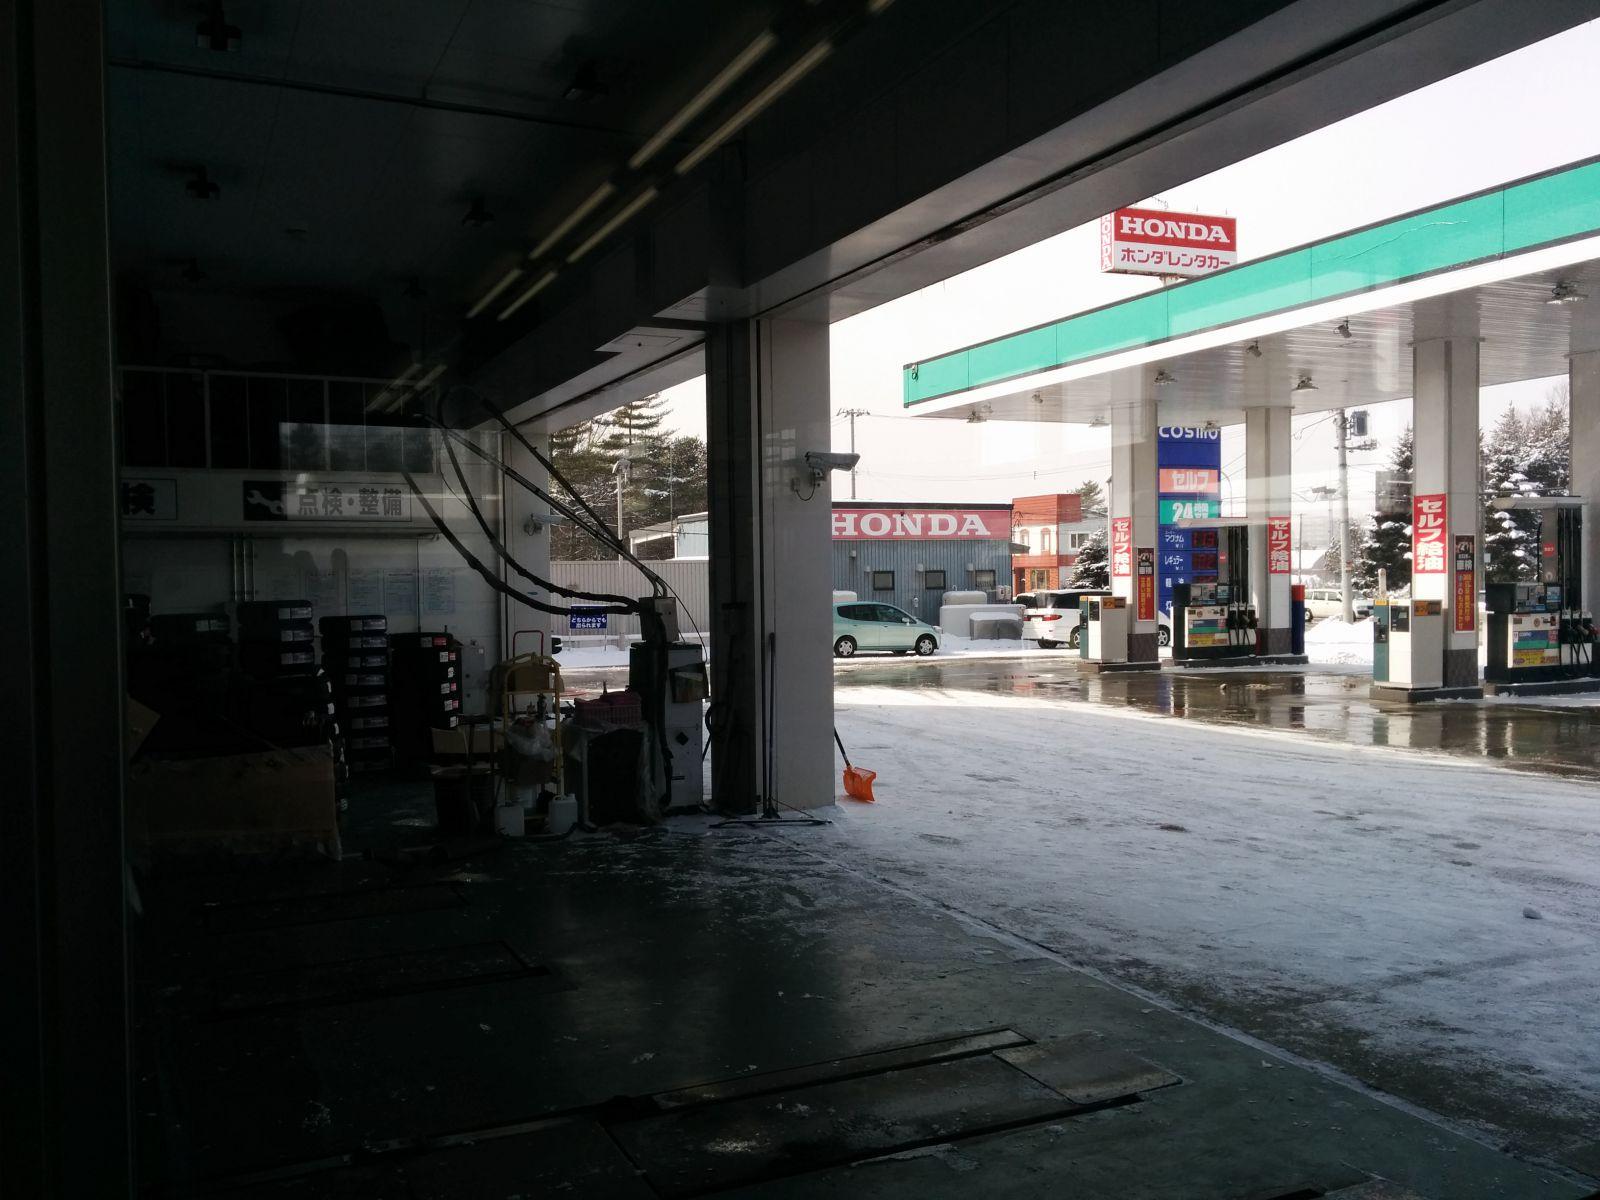 【千歳市】千歳市観光タクシー愛車の洗車